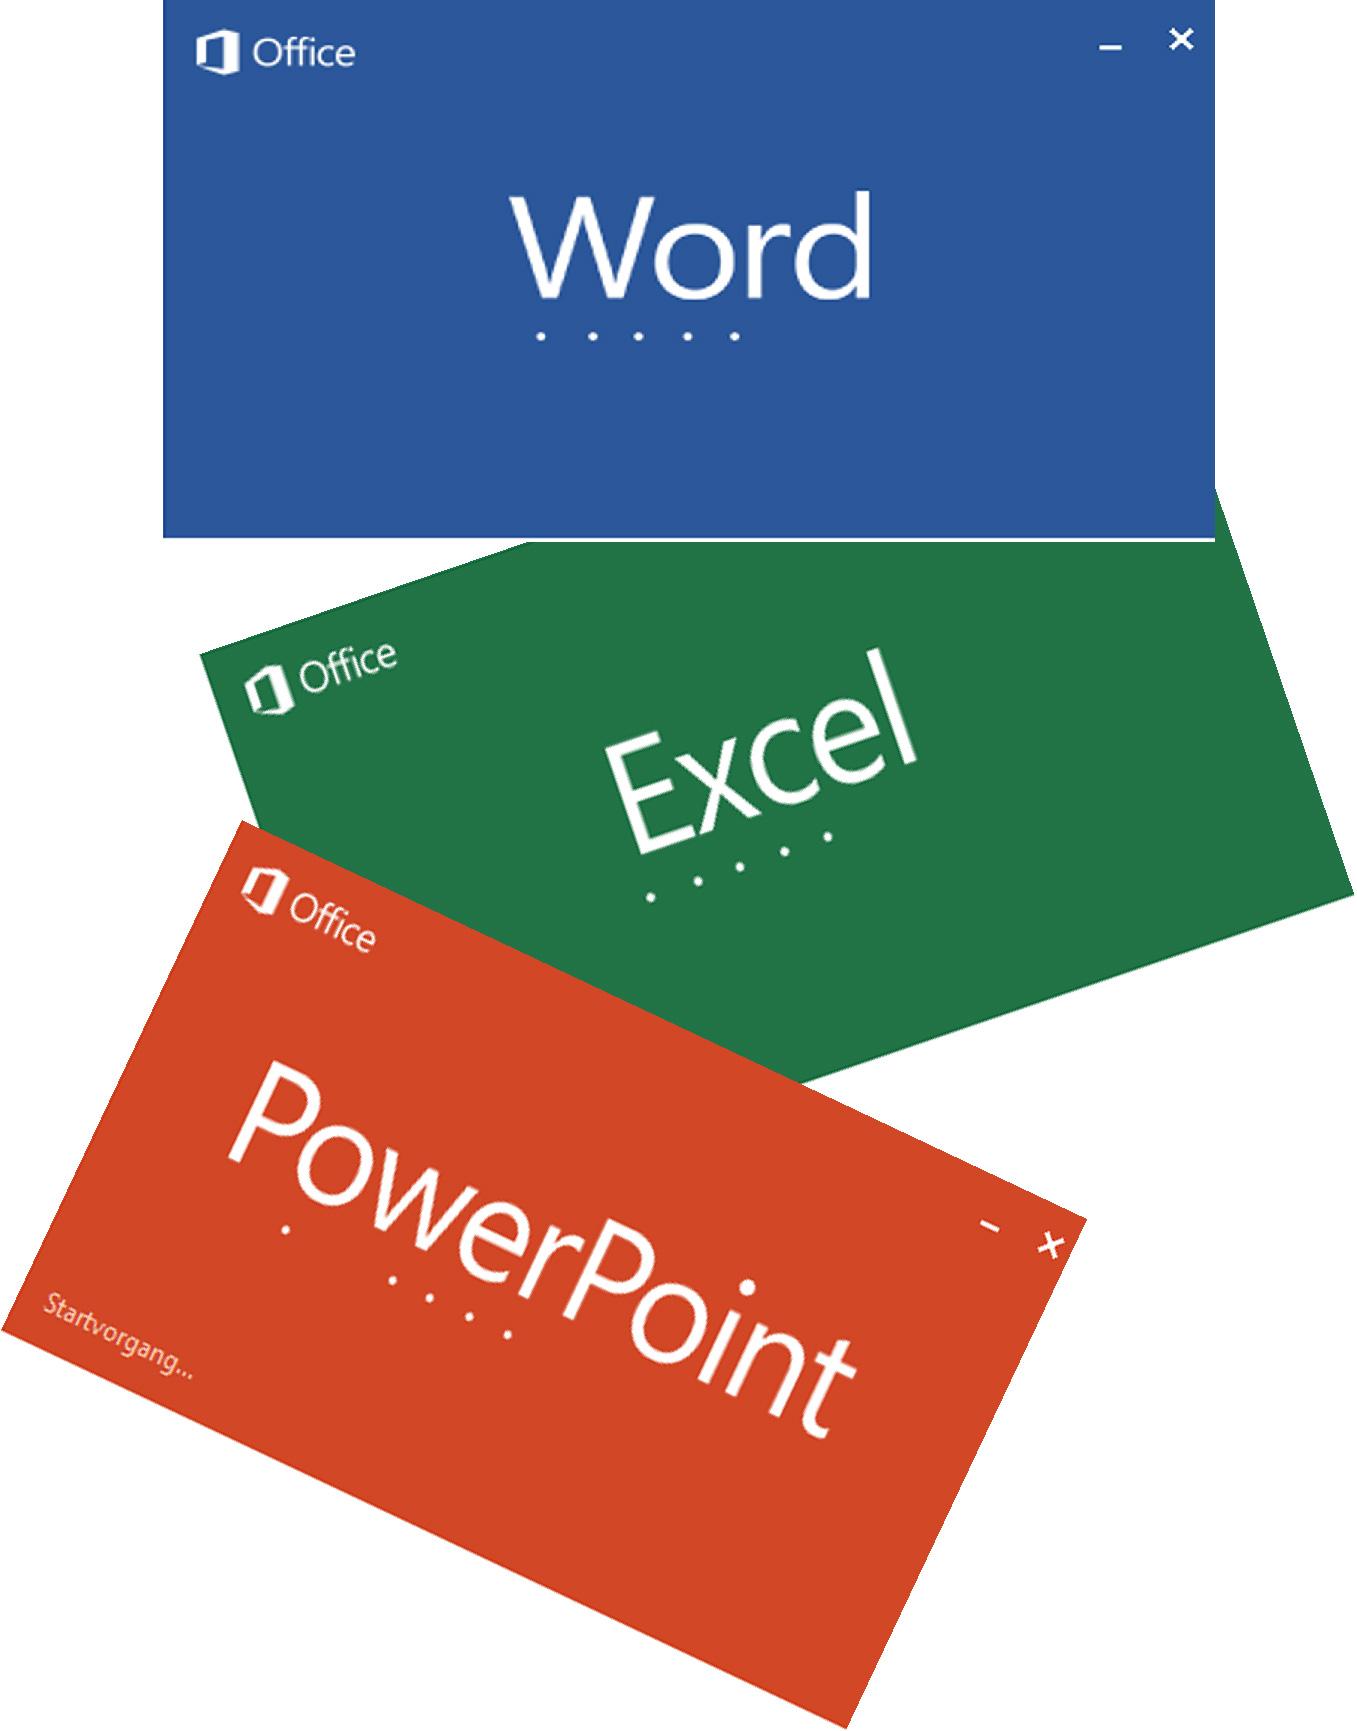 【ビジネスOfficeコース】  「ワード」「エクセル」が当教室で一番人気のコースです。